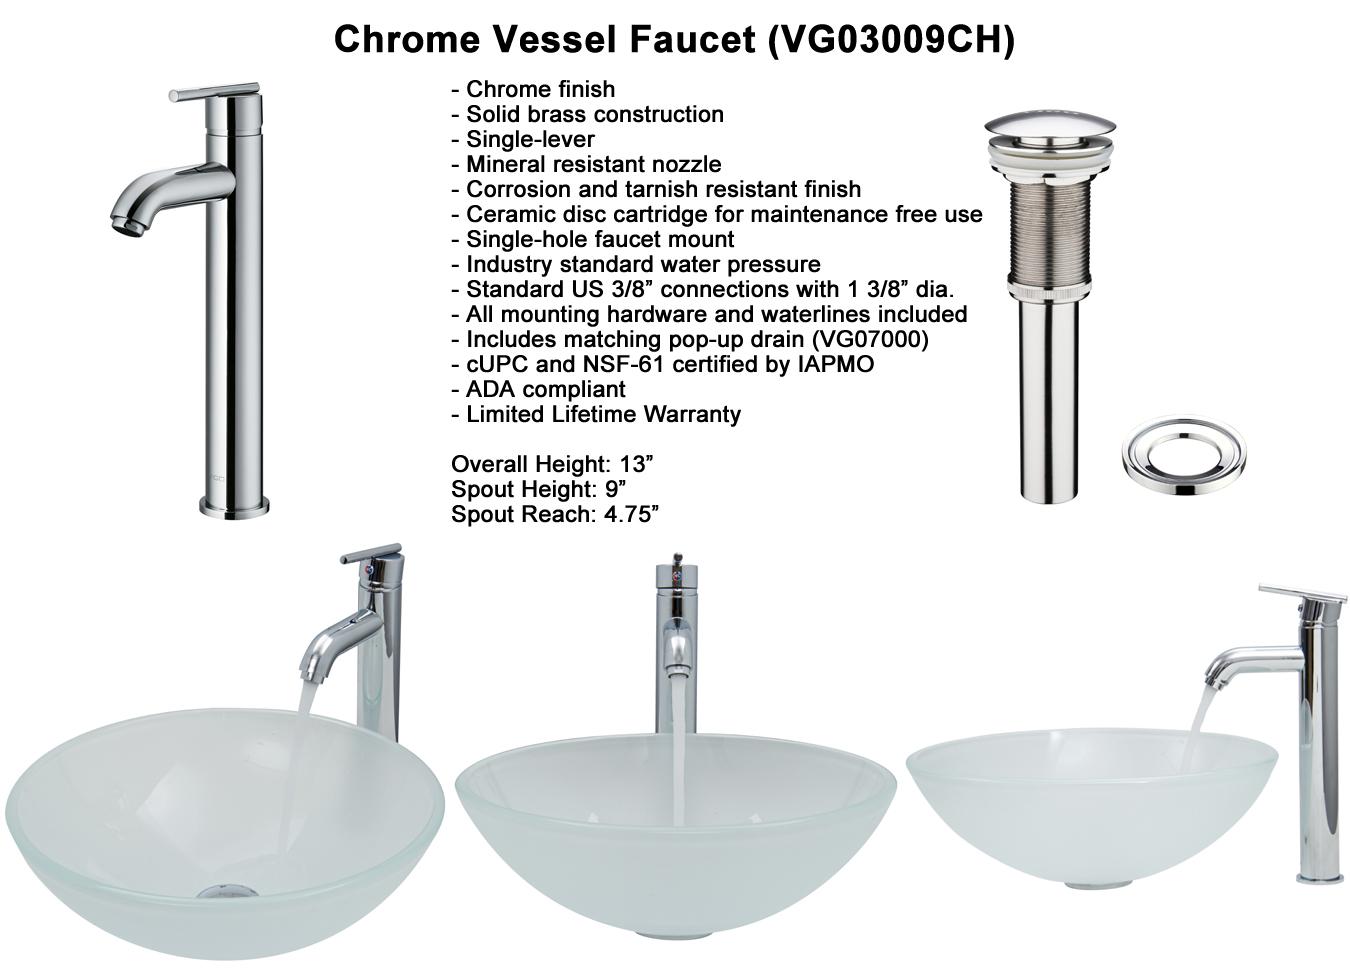 Faucet Set 5 - Chrome Vessel Faucet (VGT269)